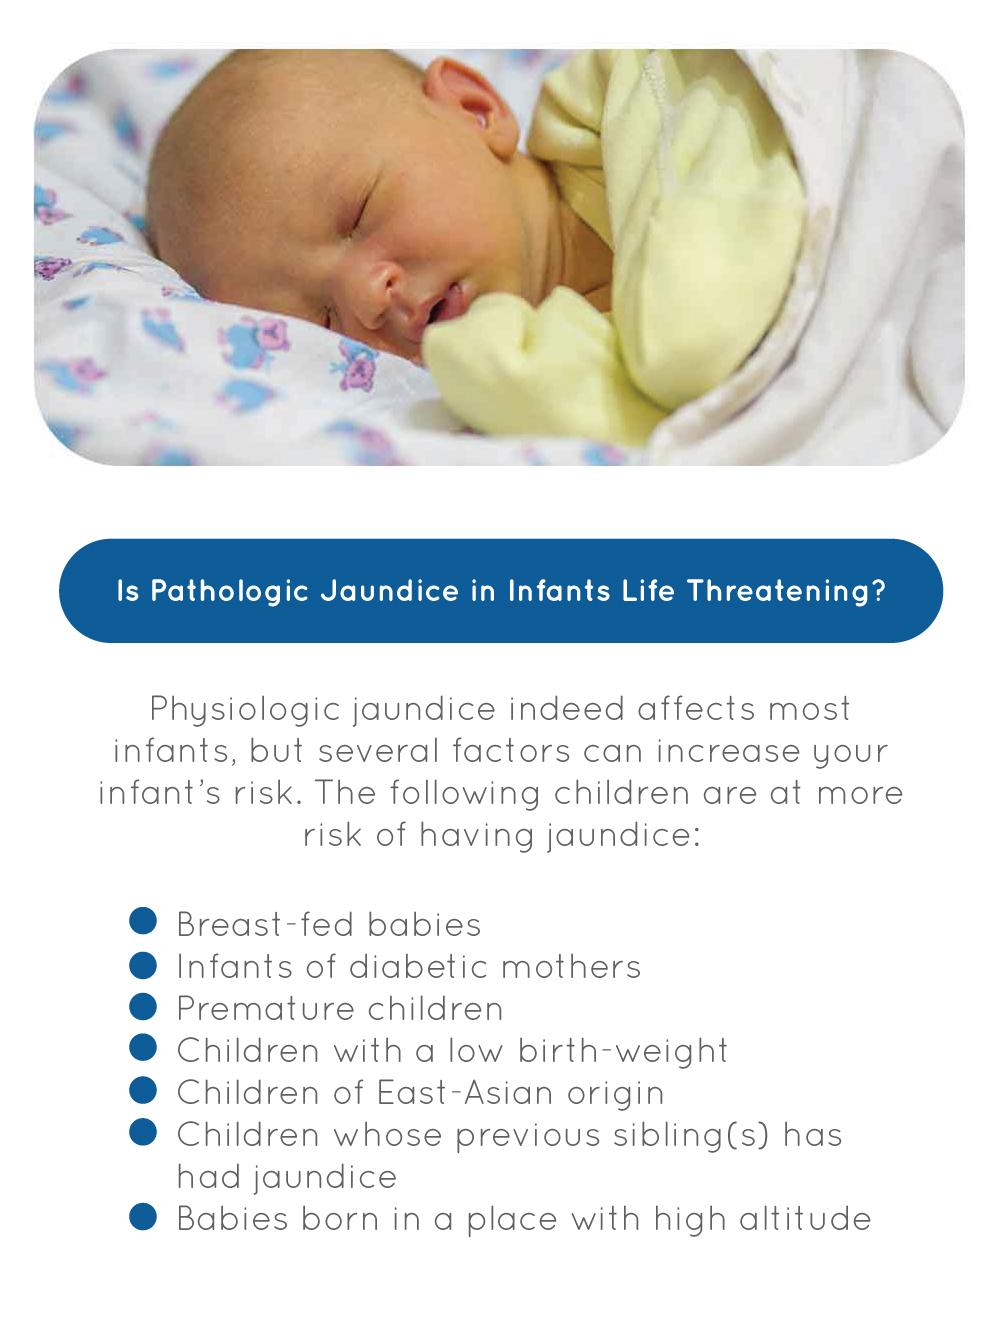 Is Pathologic Jaundice in Infants Life Threatening?